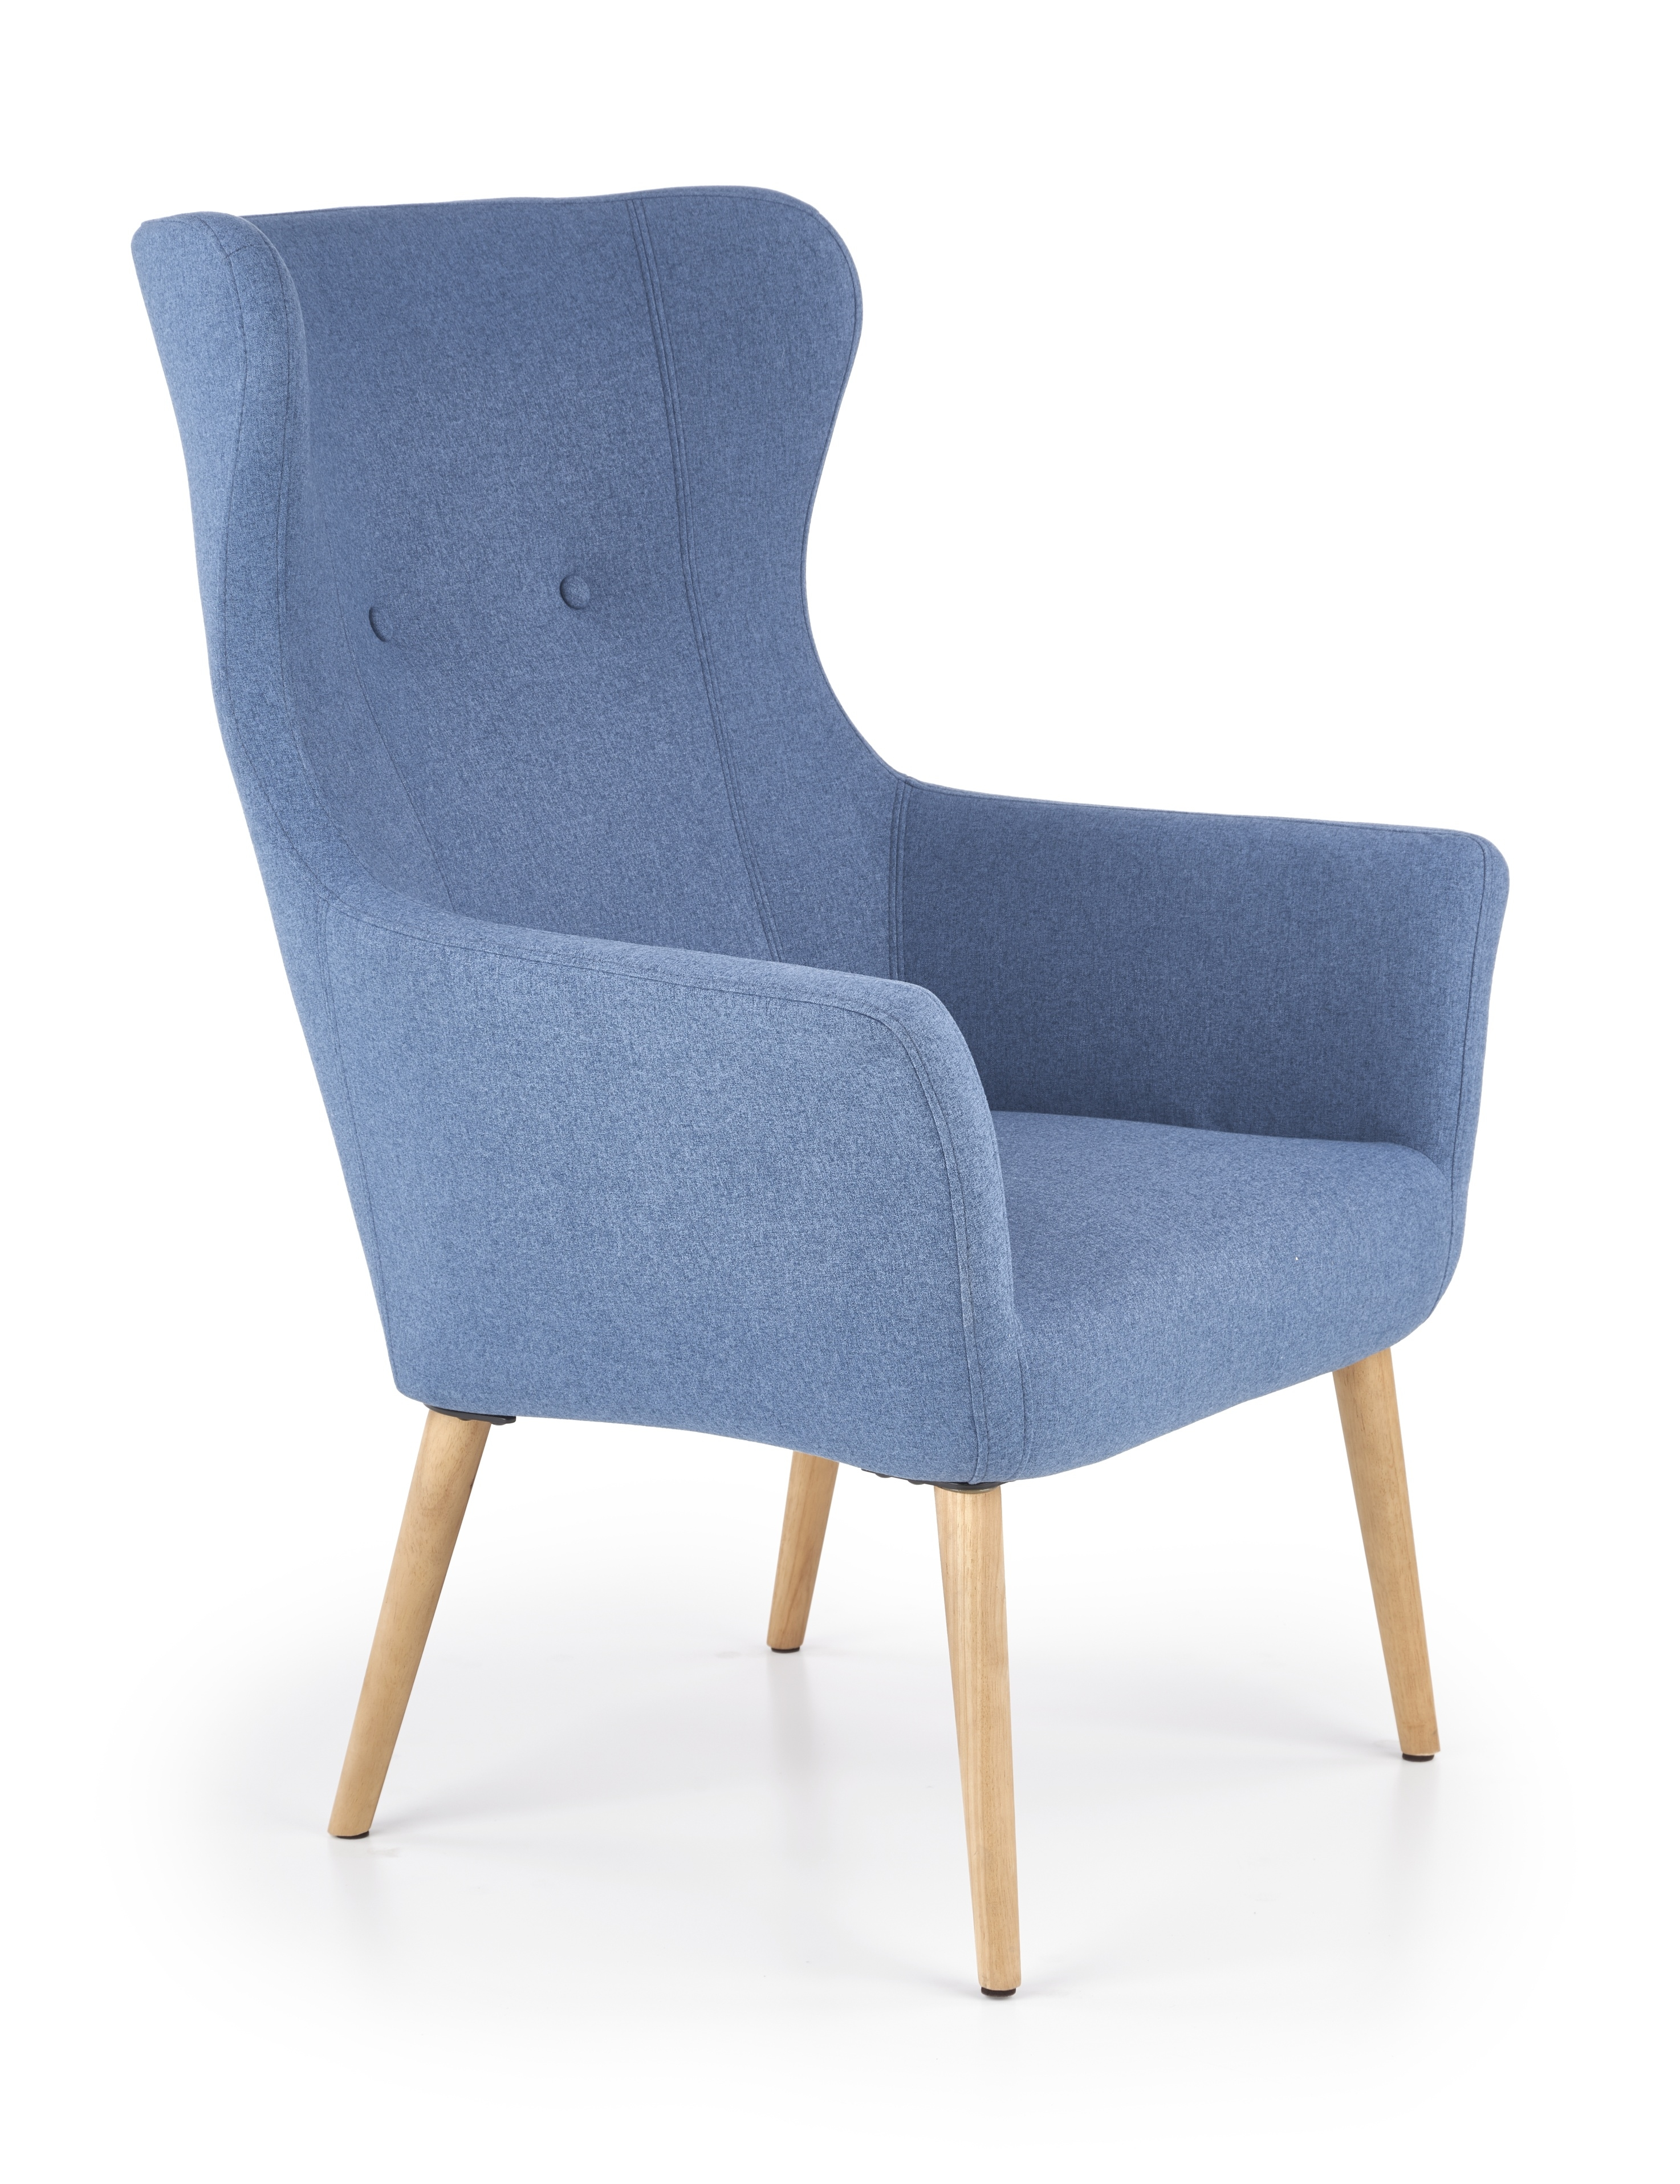 Fotoliu tapitat cu stofa, cu picioare din lemn Cotto Blue, l73xA76xH99 cm